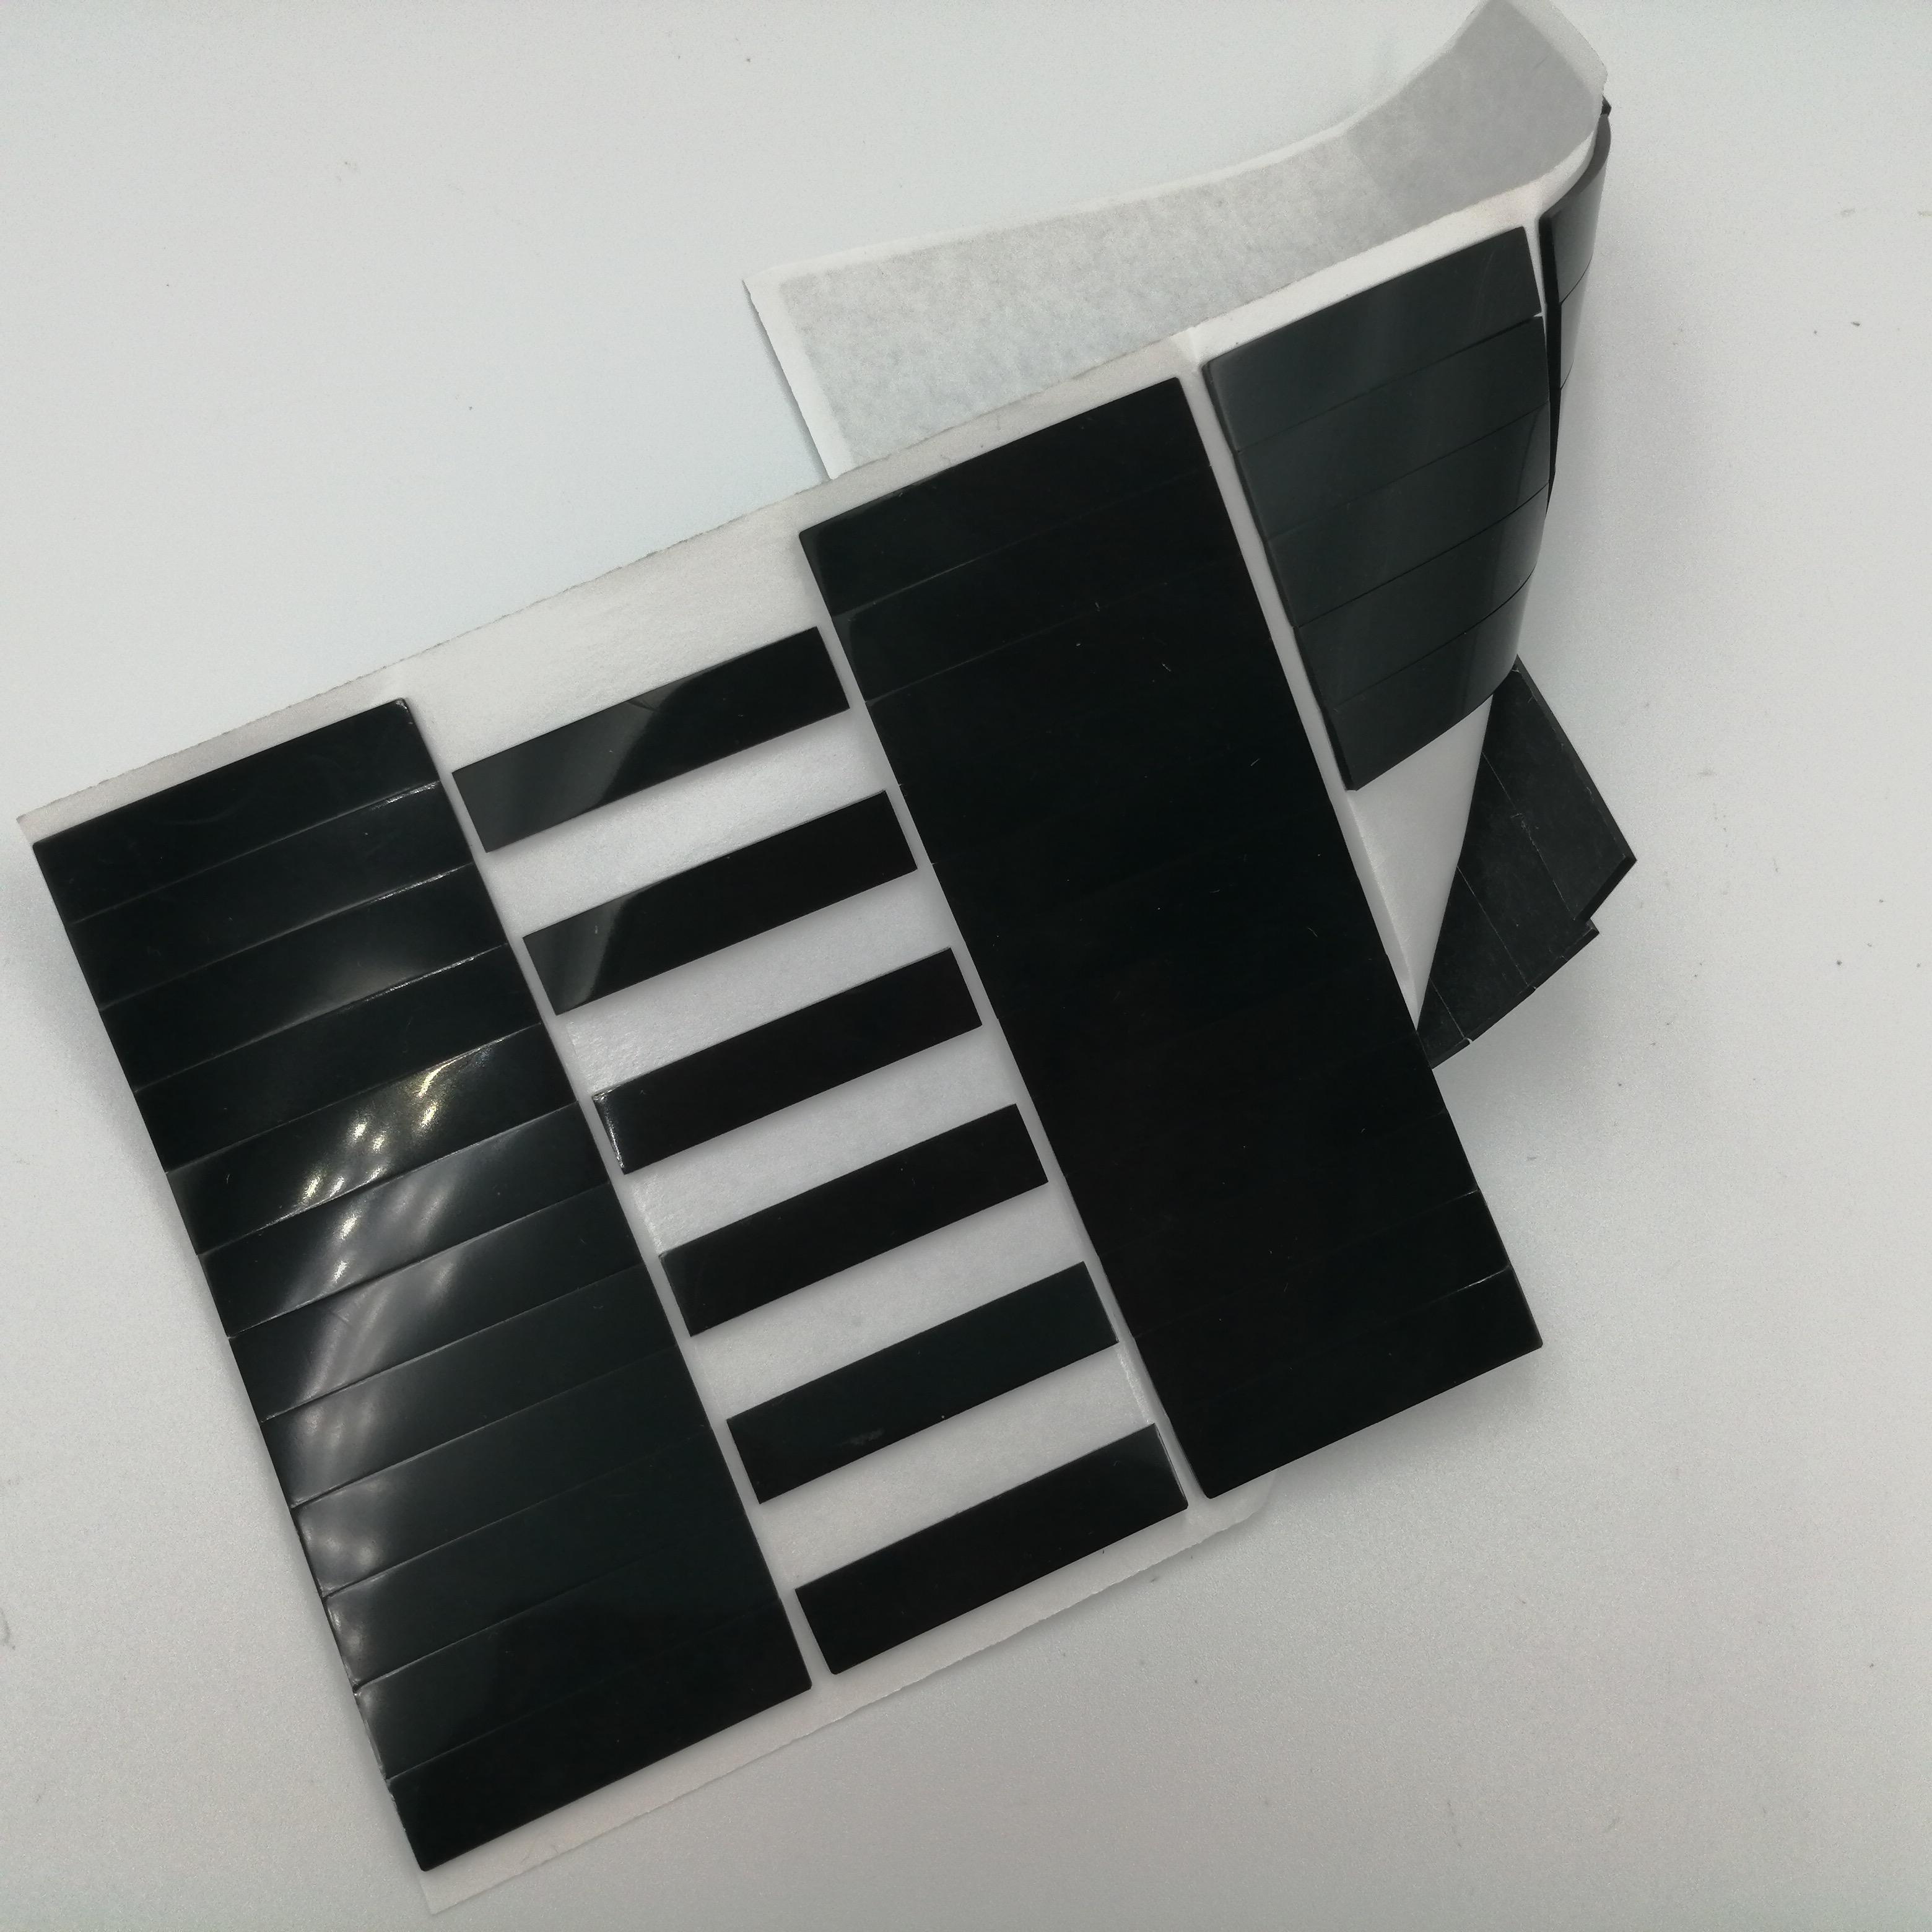 廠家定制彩色硅膠墊圈 自粘硅膠條 防滑防震硅膠腳墊 網格硅膠片